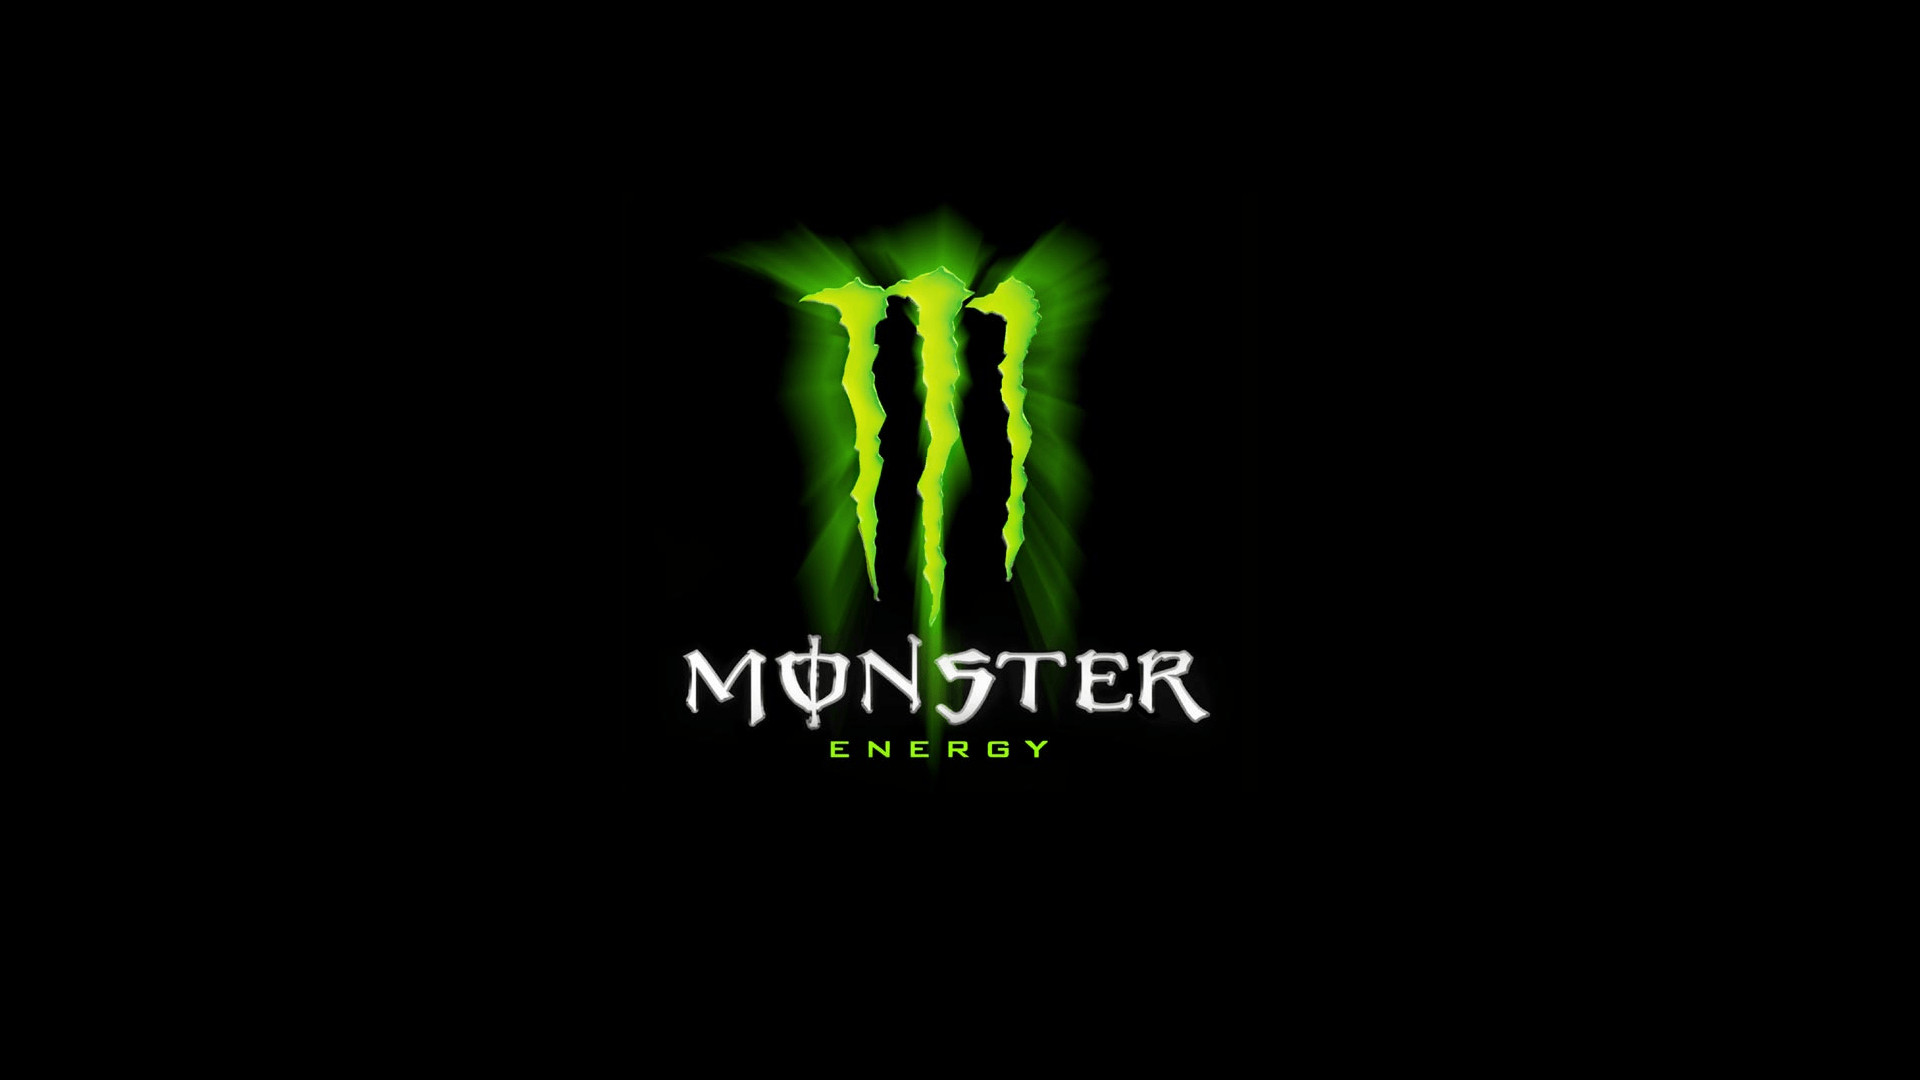 Monster energy logo background wallpapertag - Monster energy wallpaper download ...